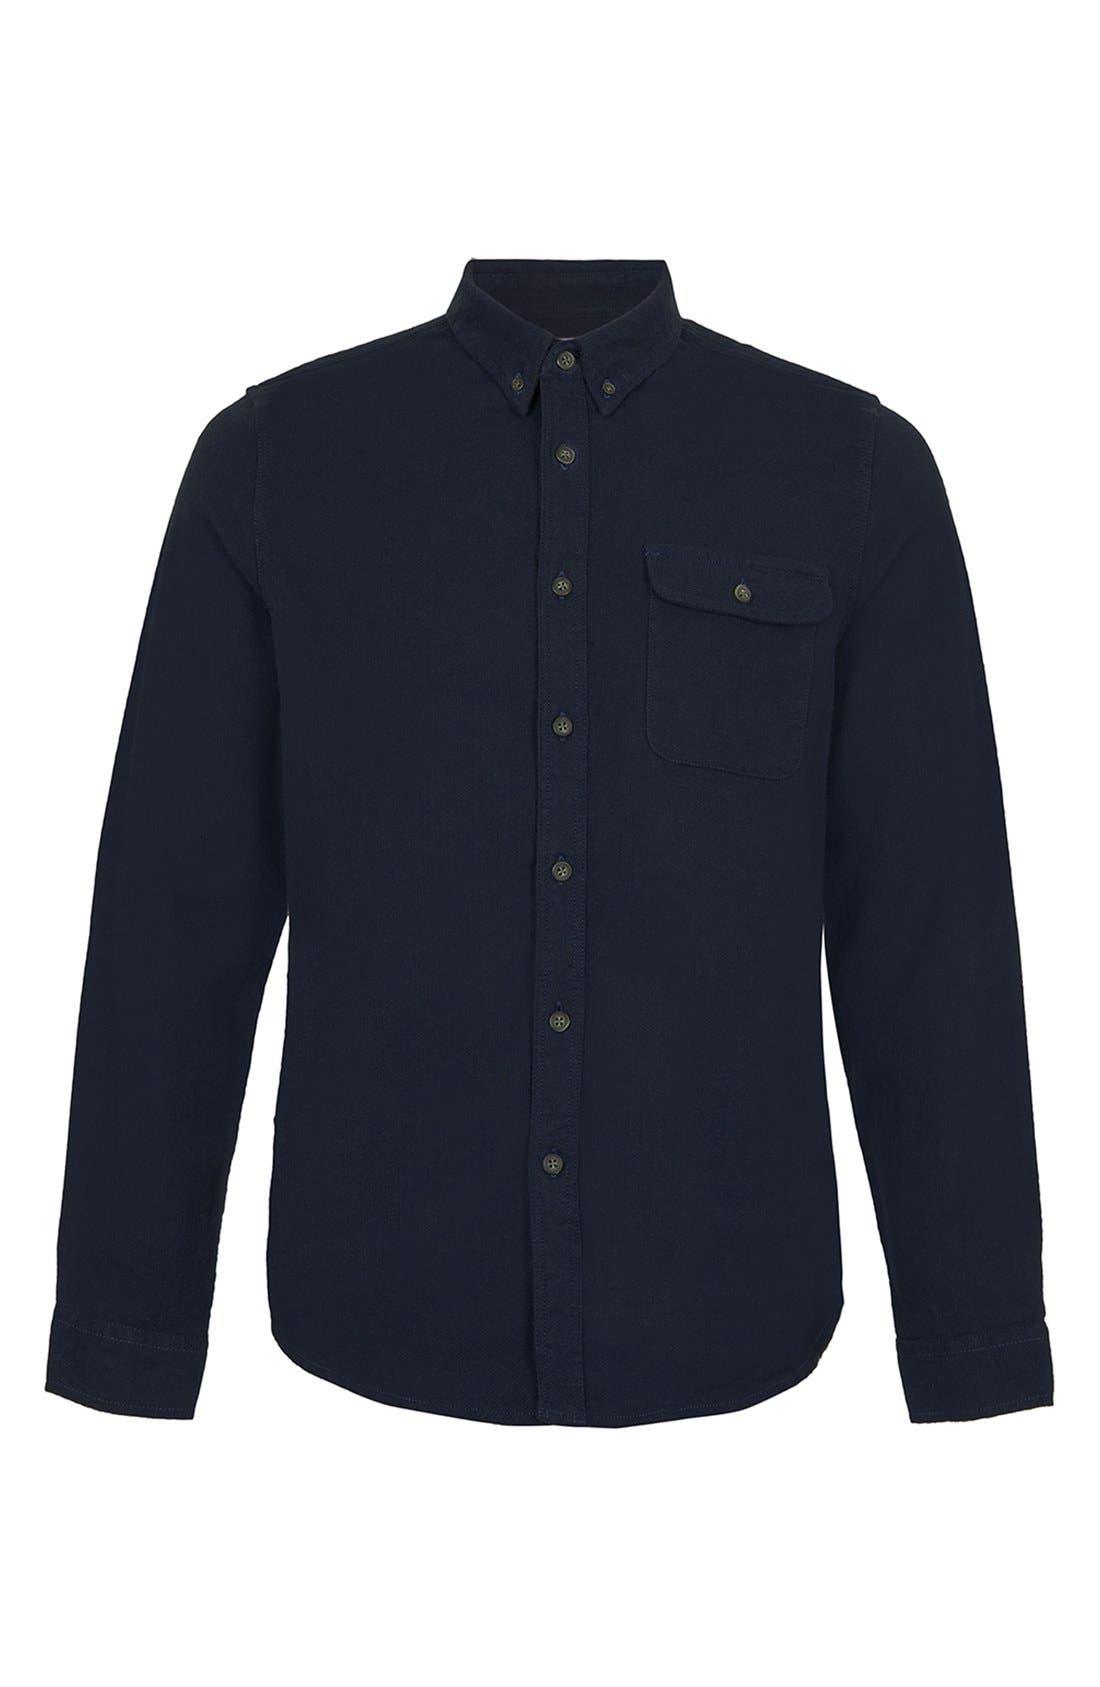 Alternate Image 1 Selected - Topman Brushed Herringbone Shirt